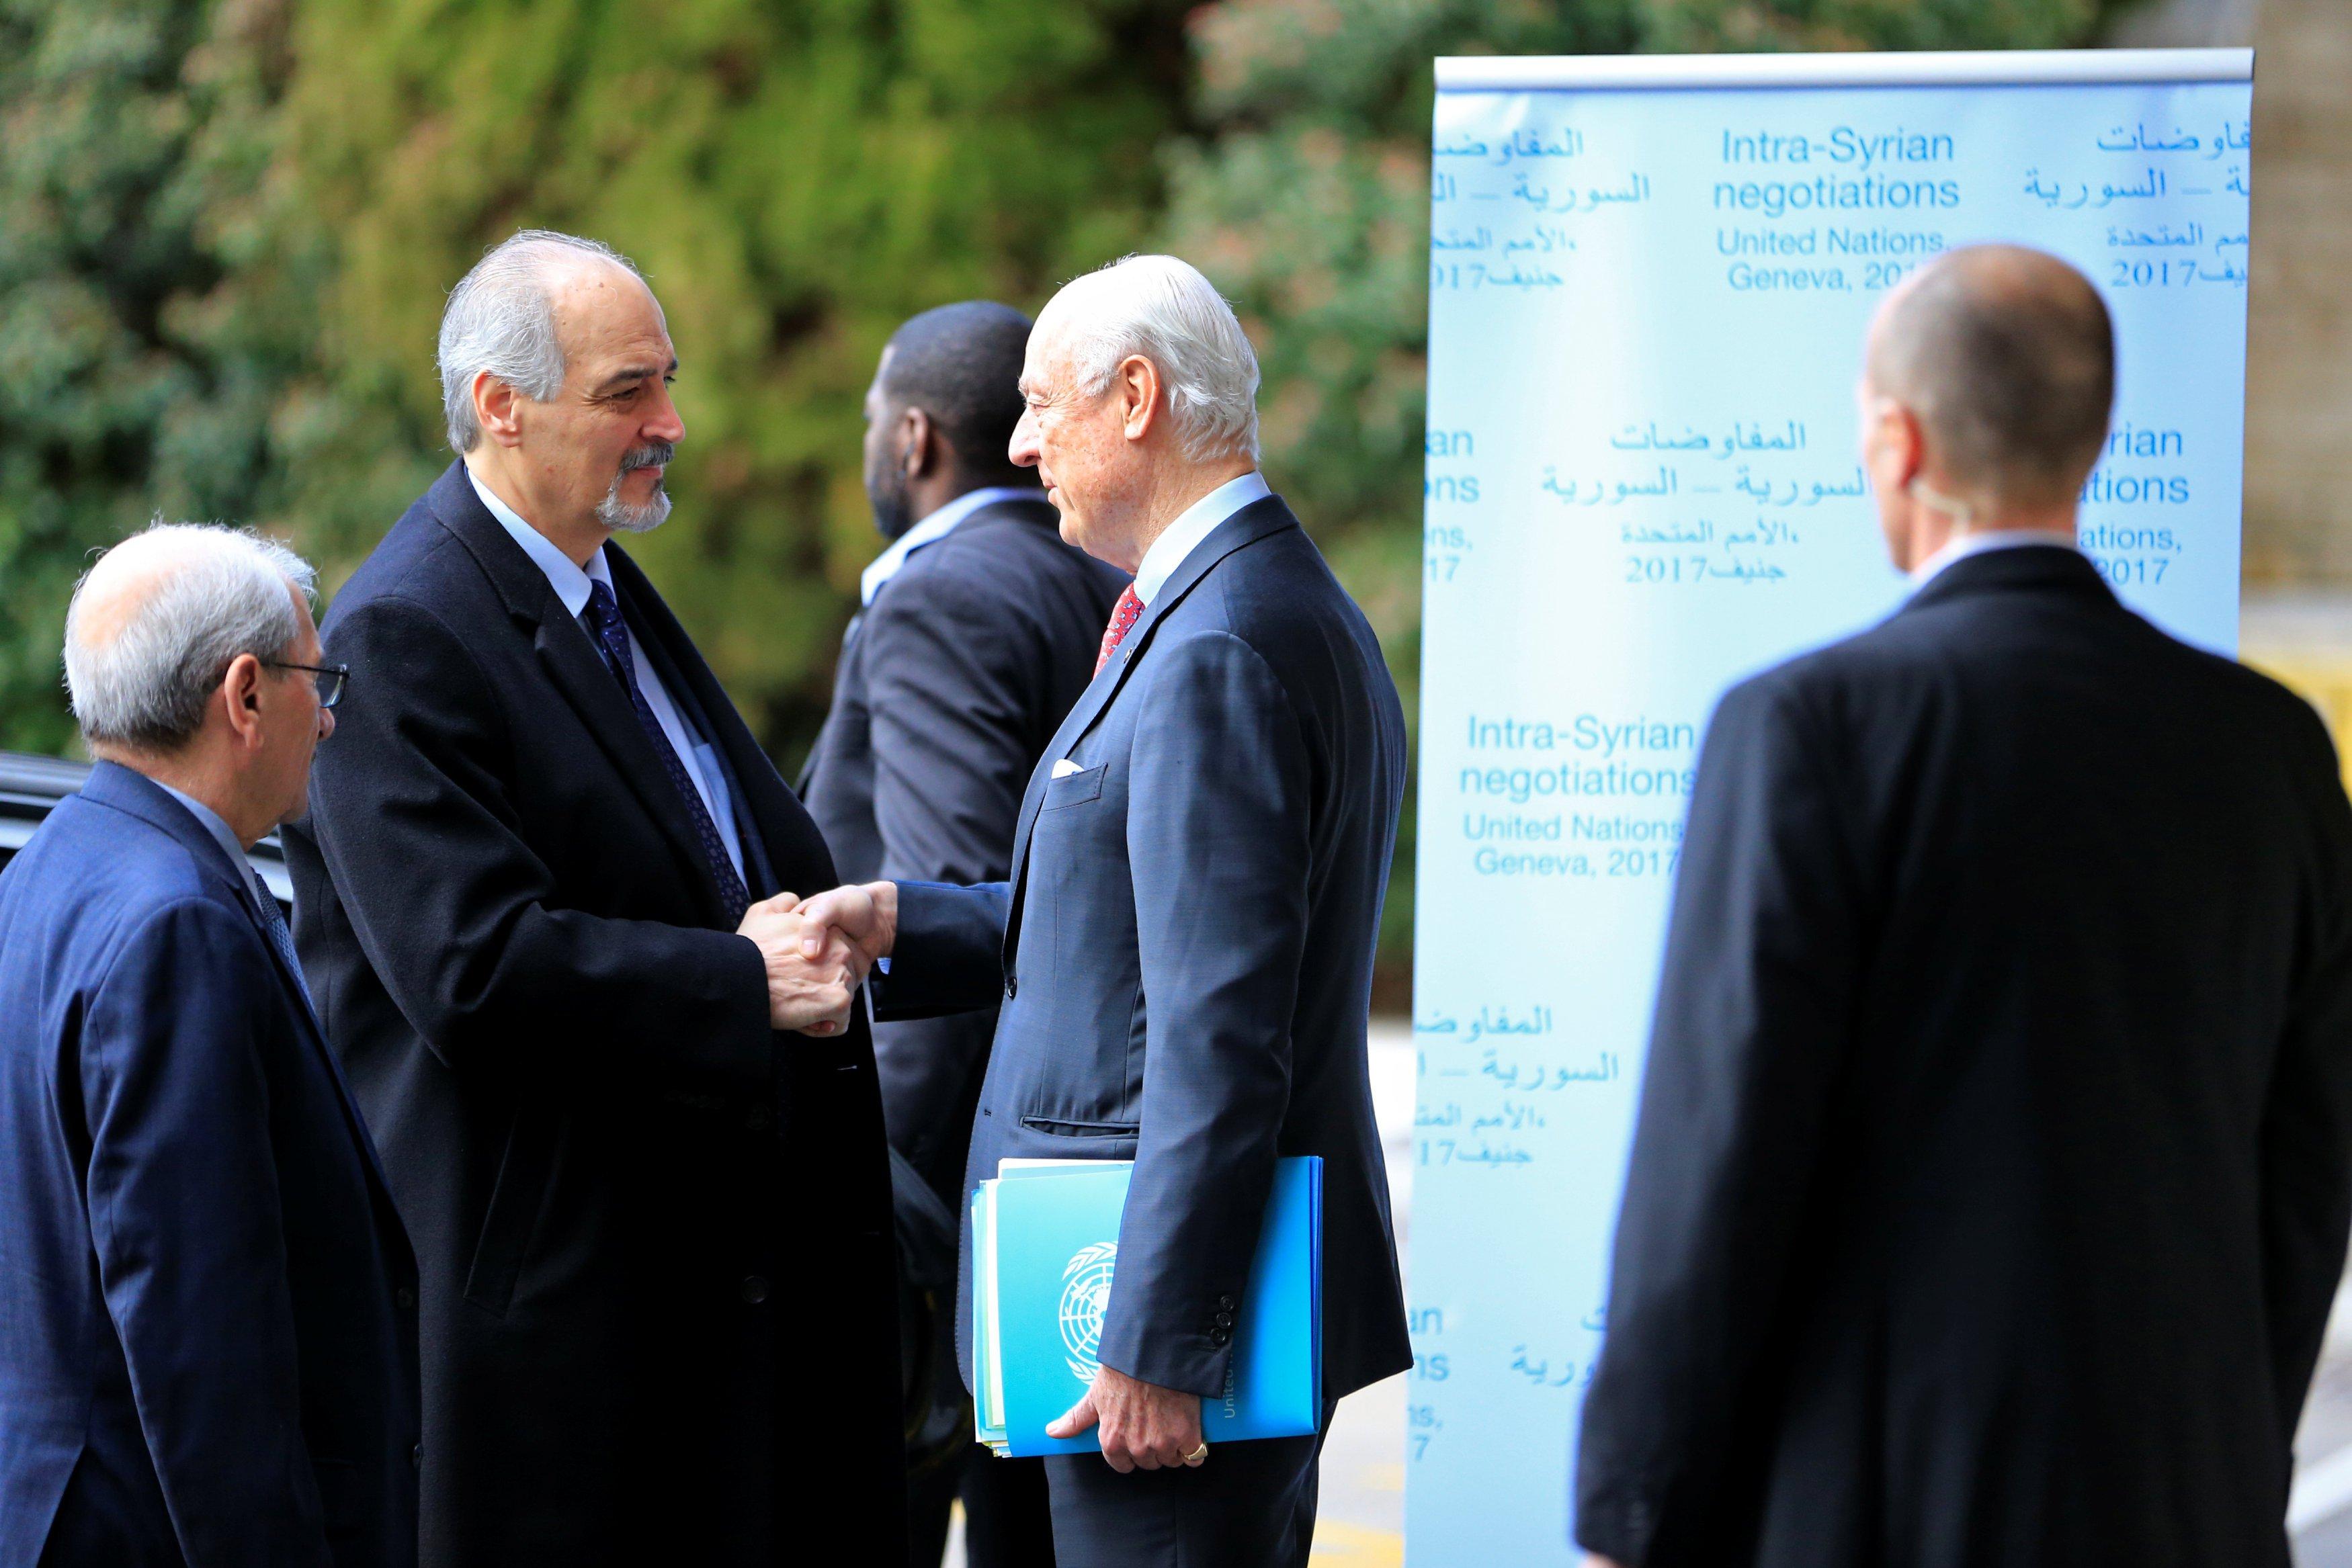 بالجلسة الأخيرة .. دي مستورا يجب على استفسارات وفد الجمهورية العربية السورية